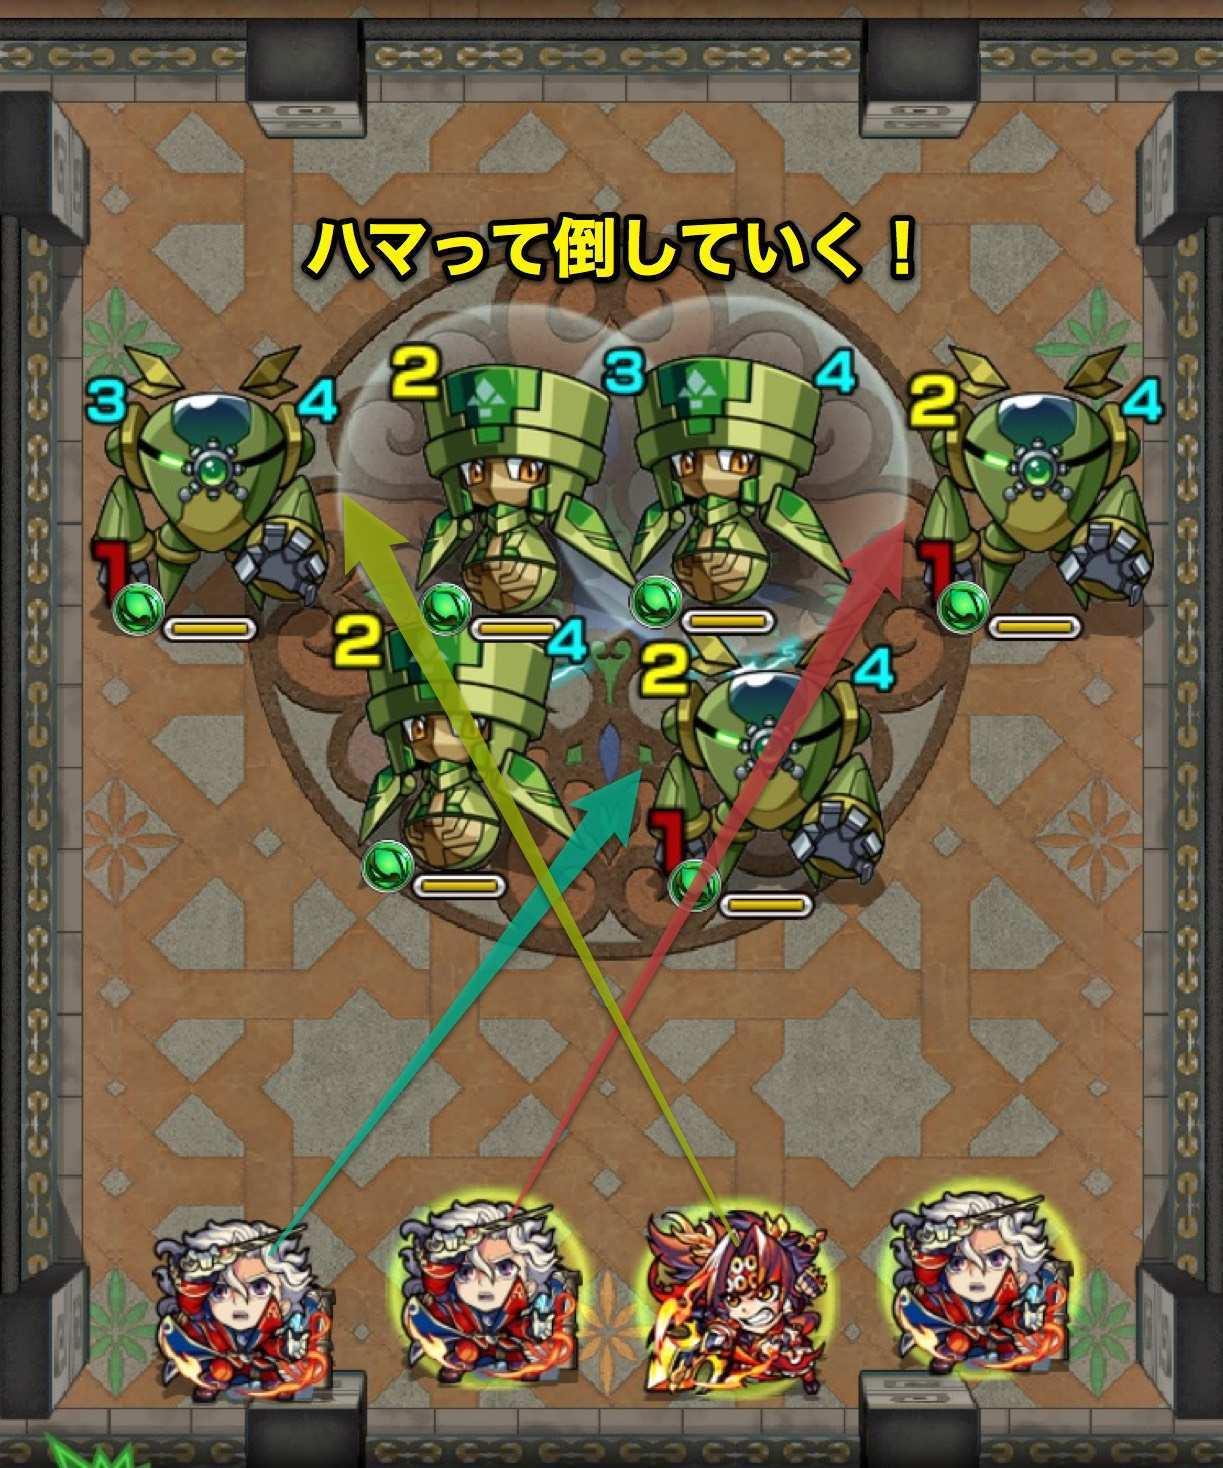 覇者の塔28階ステージ1.jpg